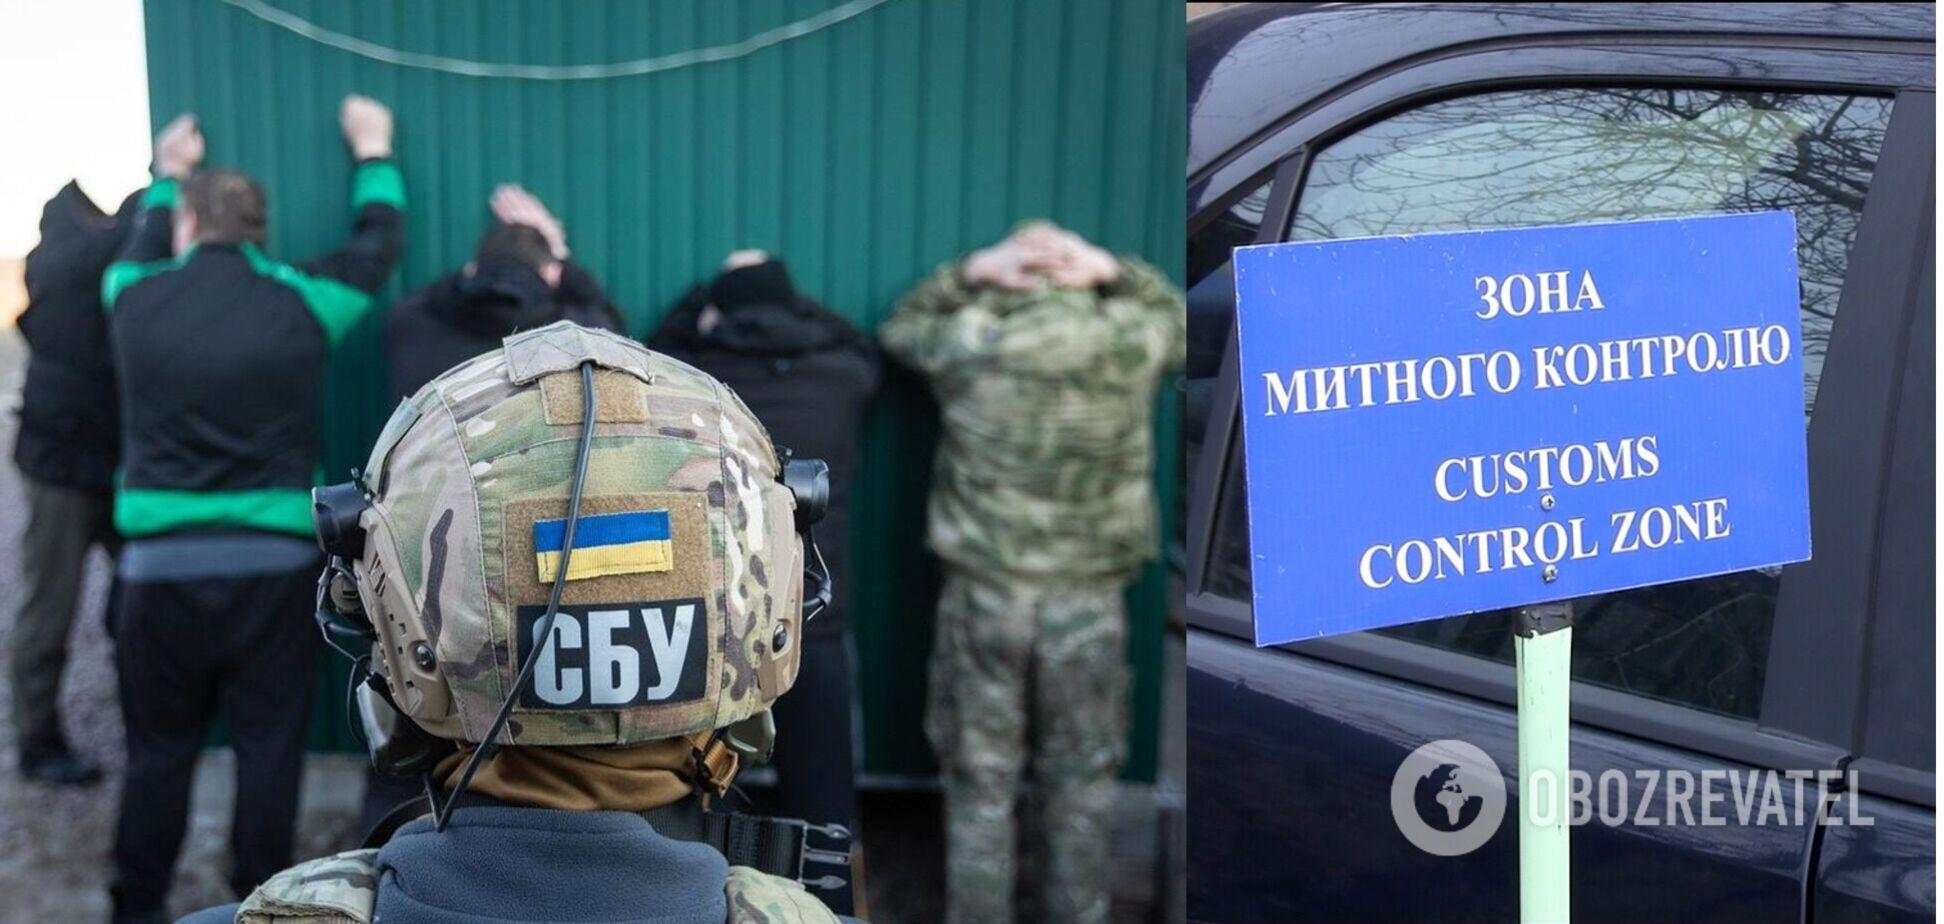 СБУ викрила контрабанду для військового флоту Росії